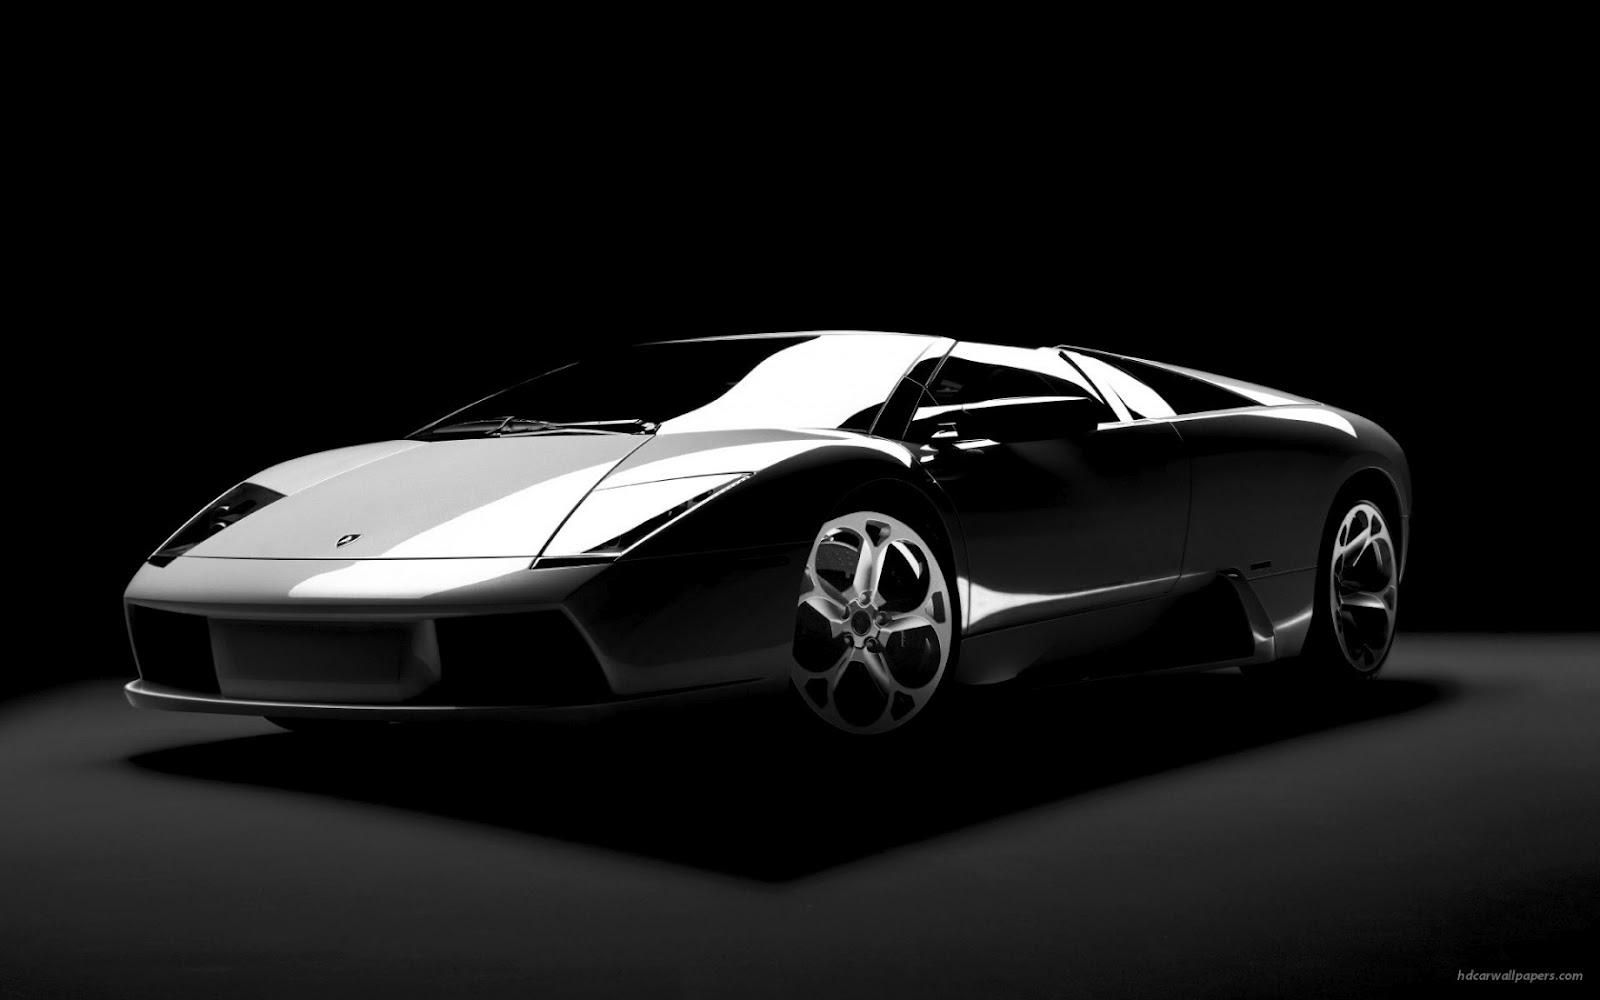 Freaking Spot Lamborghini Full HD 1080p Wallpapers 1600x1000